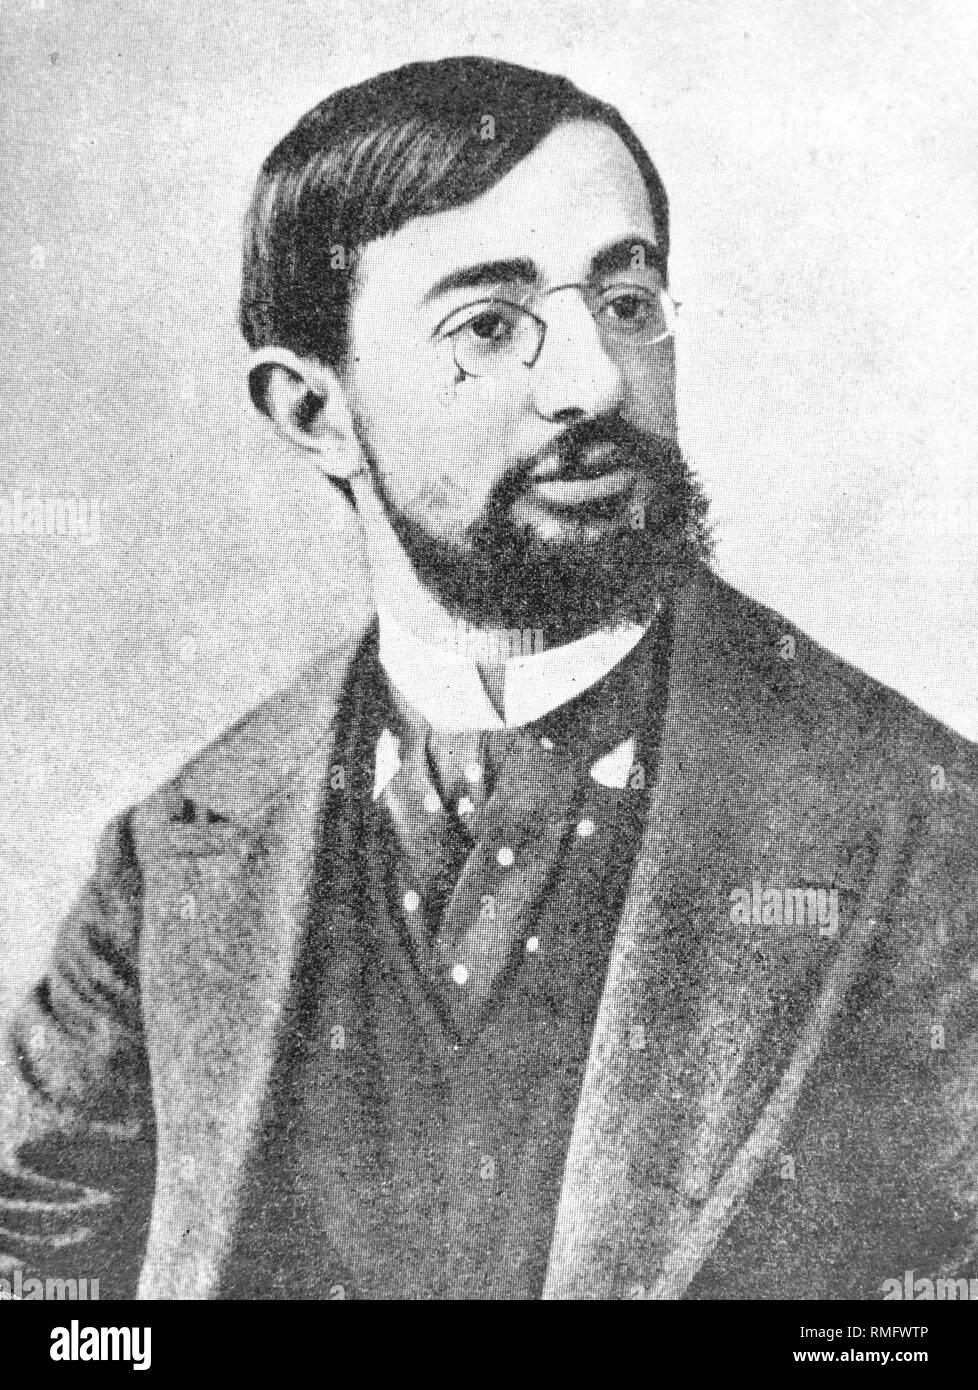 Henri de Toulouse-Lautrec, Francese pittore e grafico (b. 24.11.1864, d. 09.09.1901). Egli ha preso i suoi motivi dalla vita notturna di Parigi Montmartre. Foto Stock